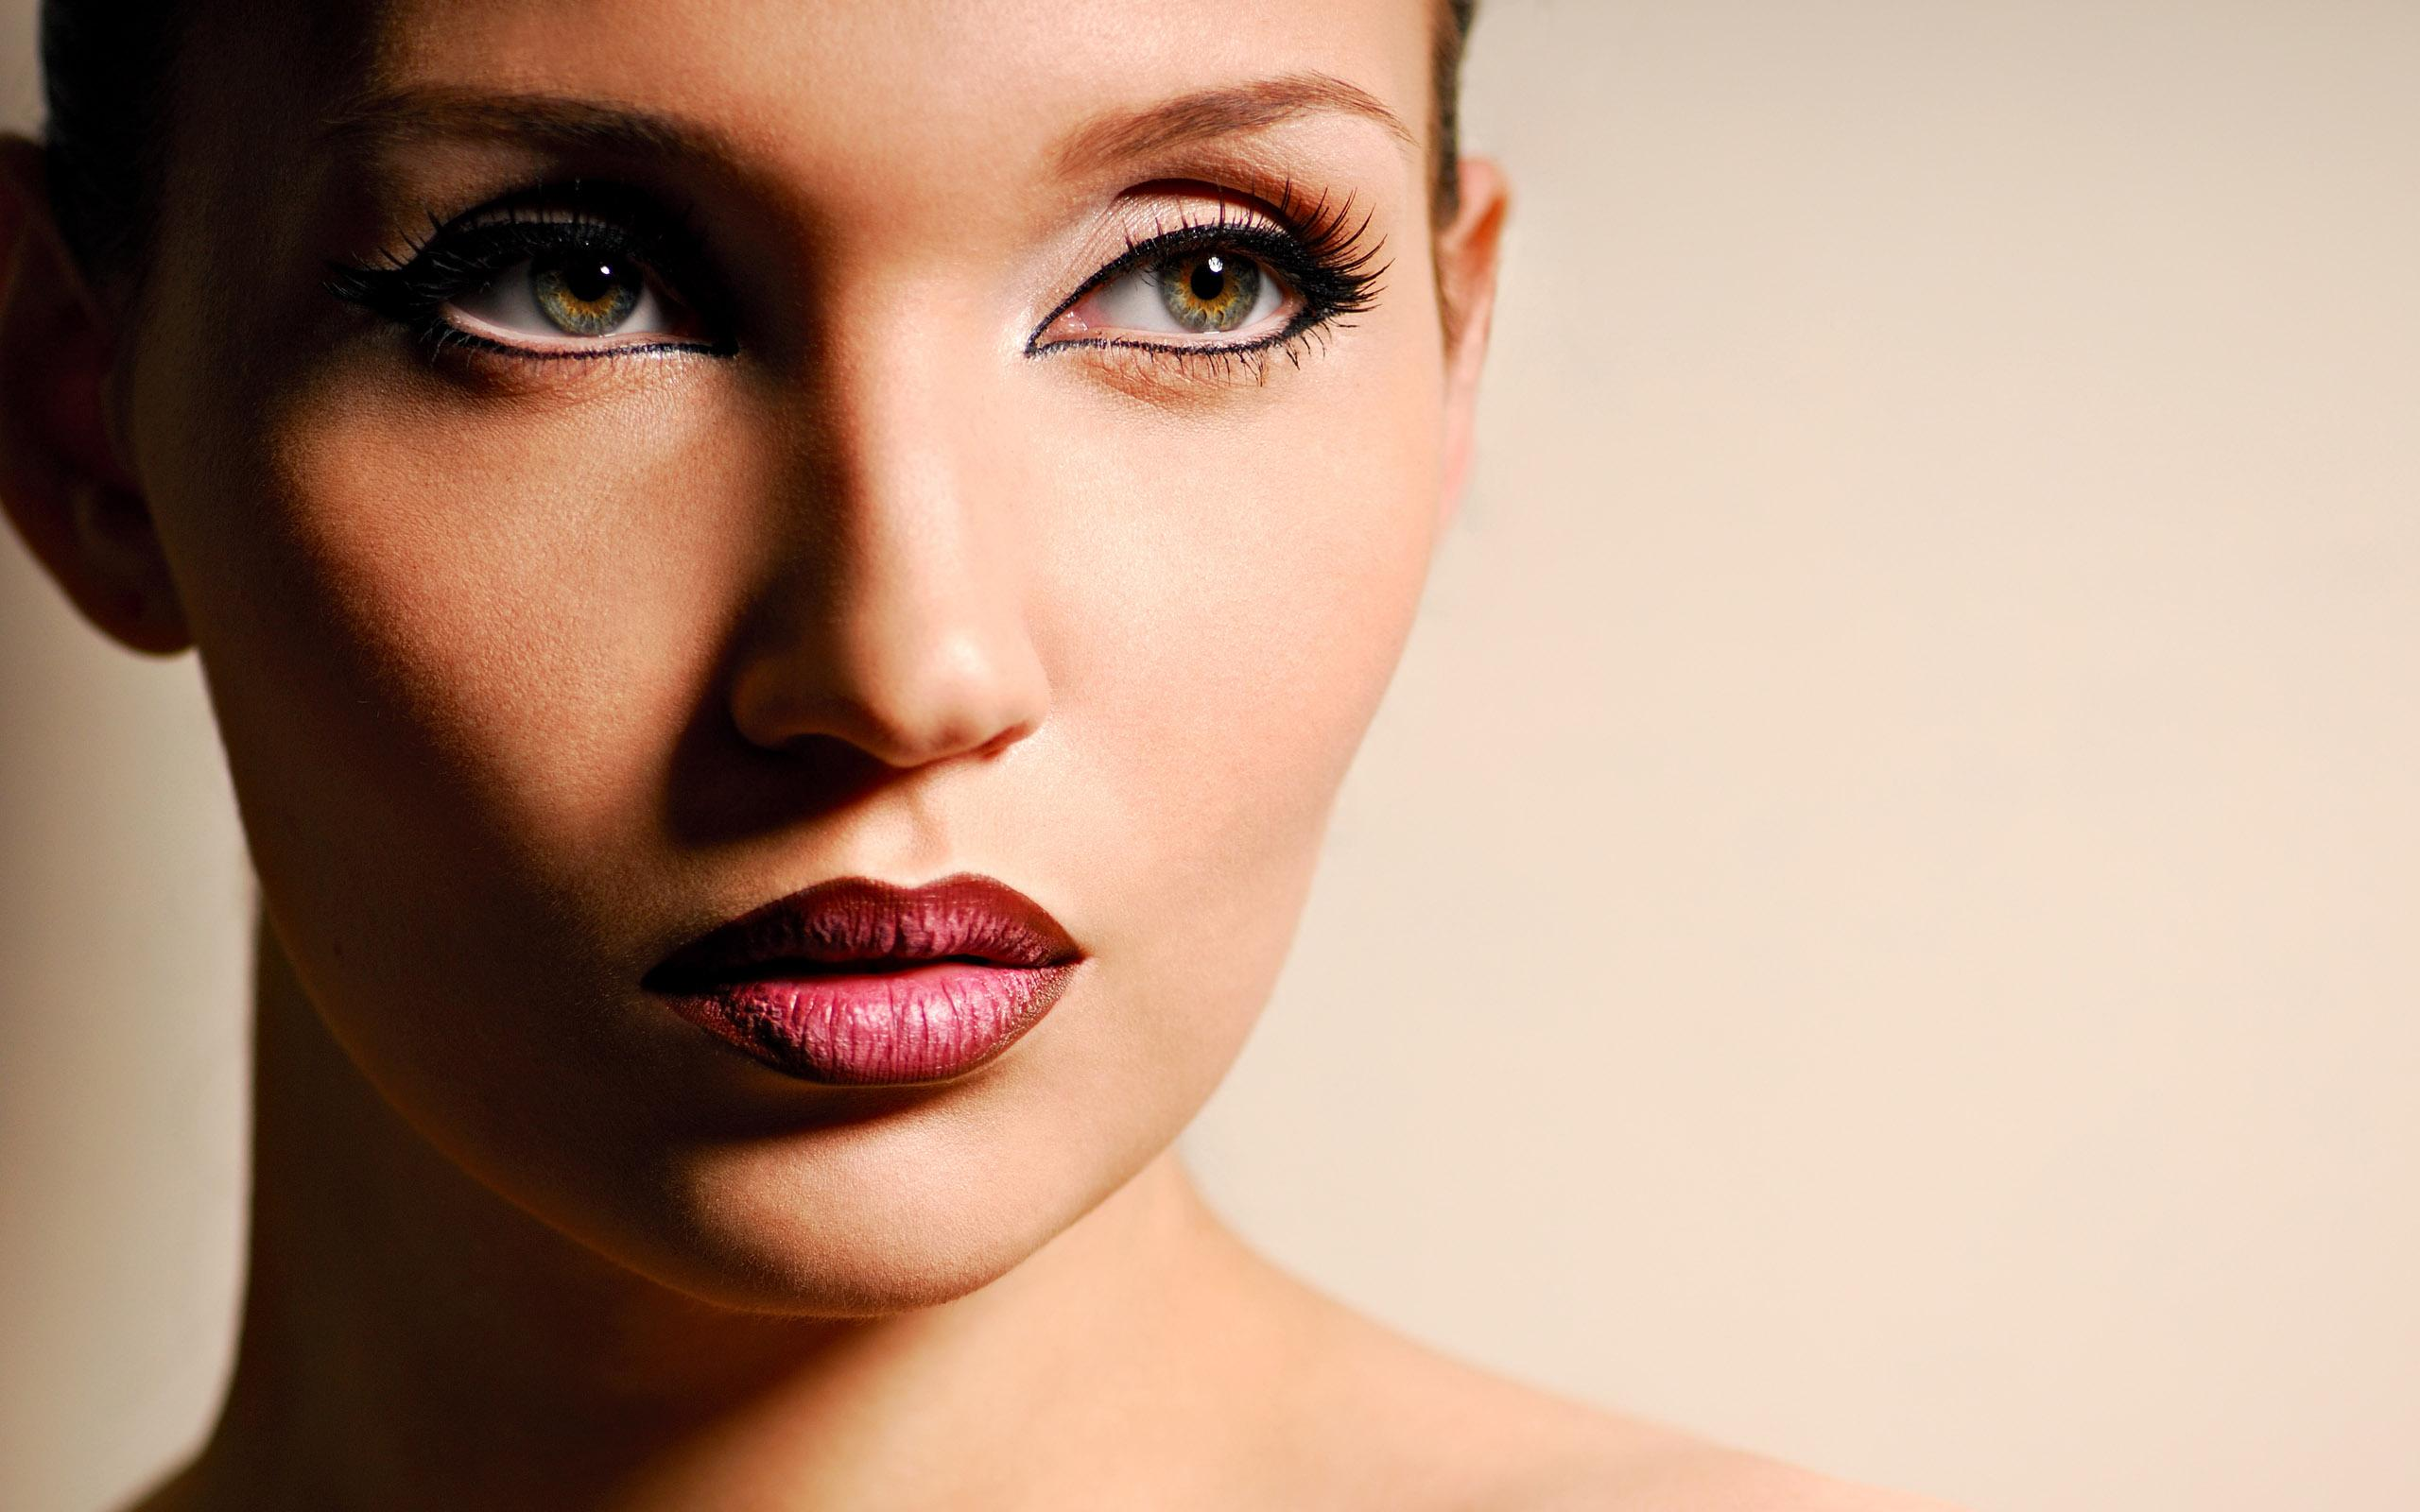 Перманентный макияж: что можно попробовать